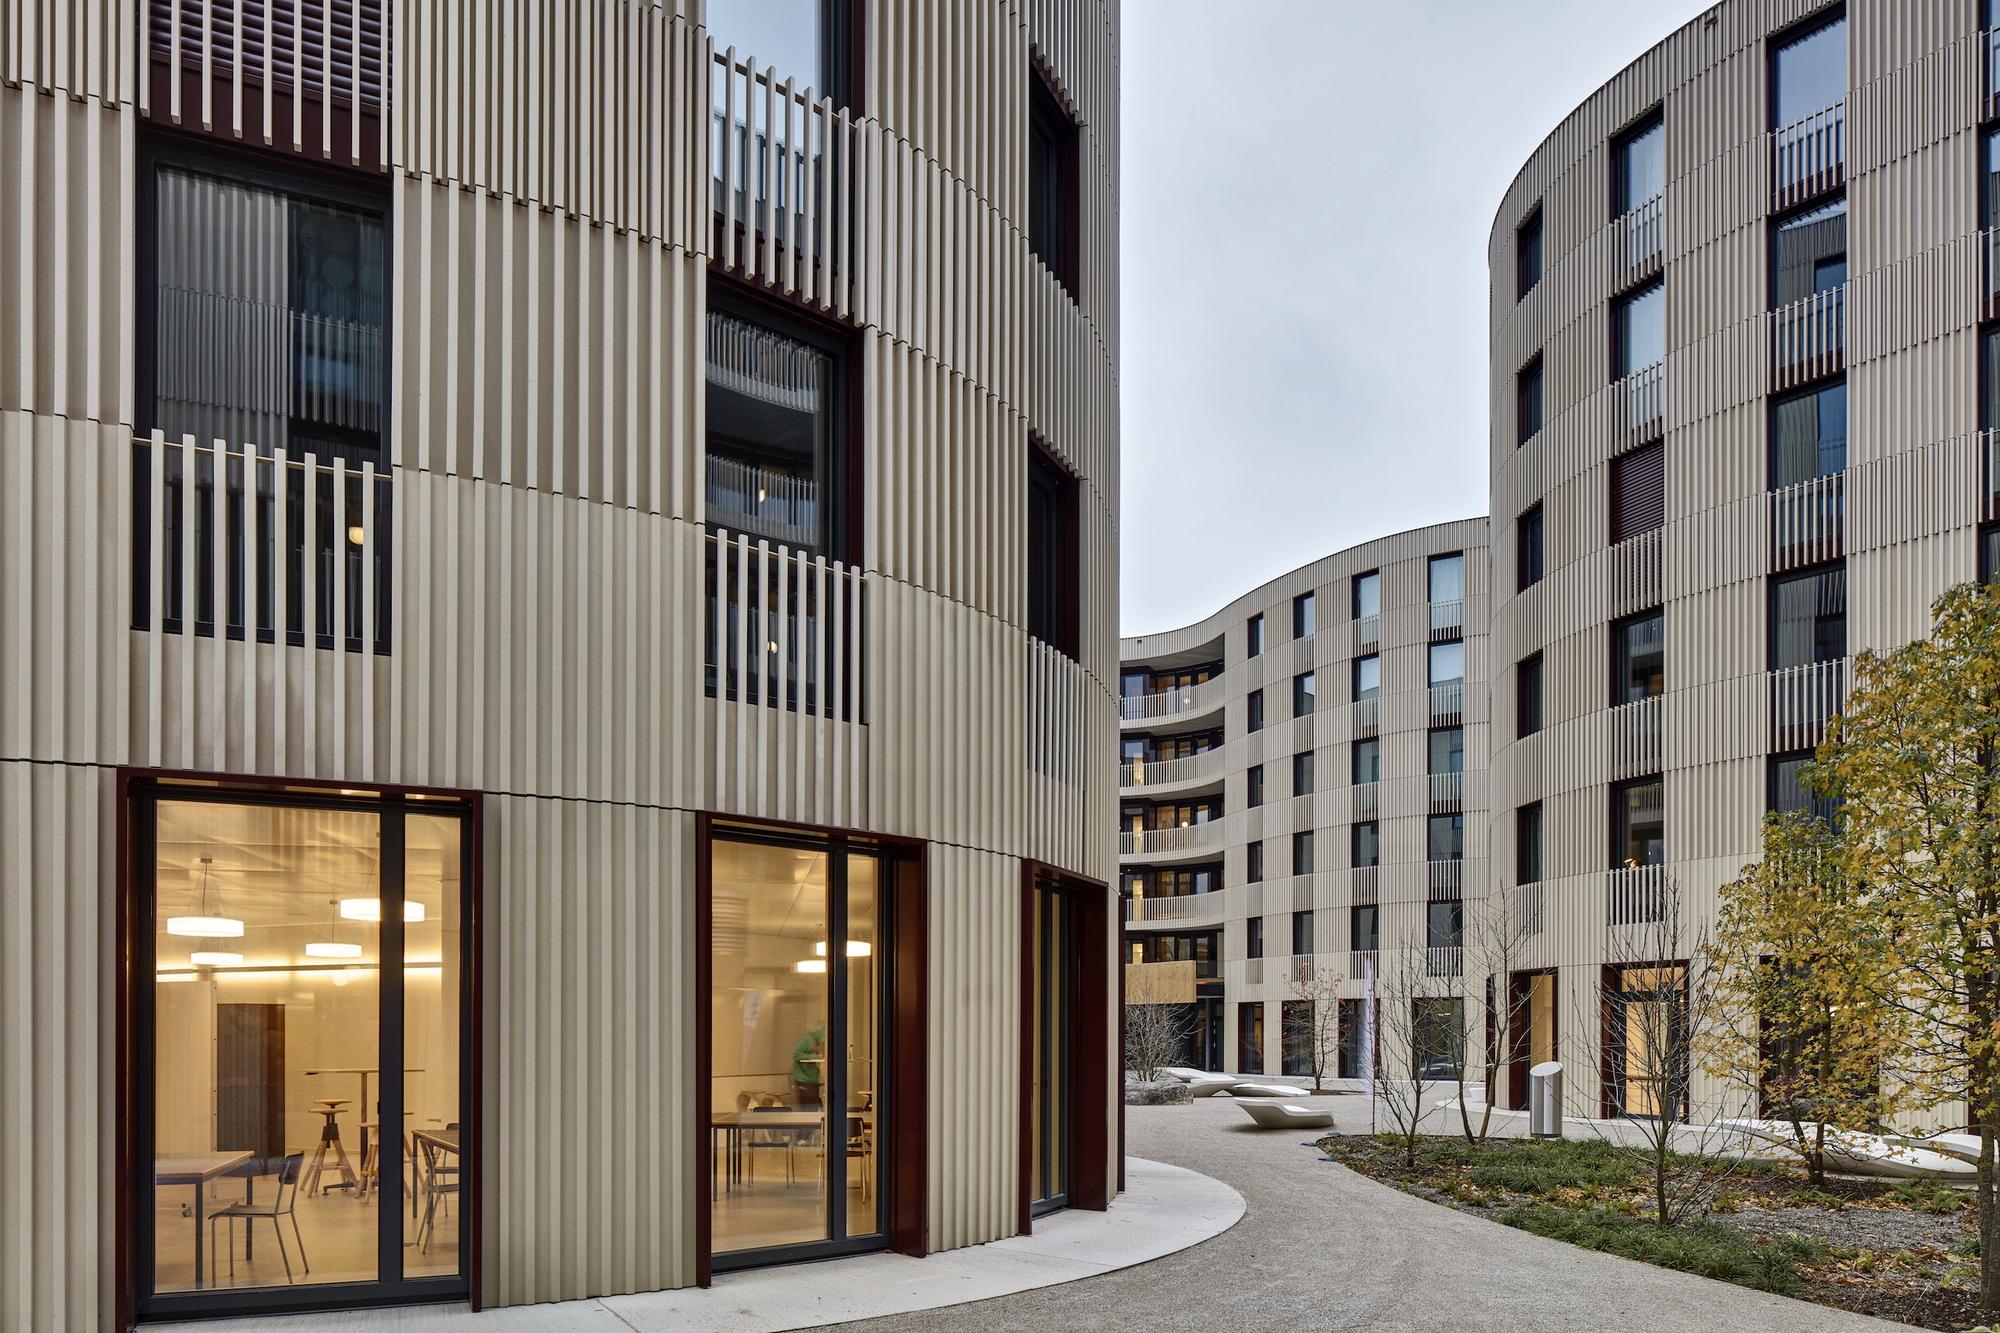 TWIST Studentisches Wohnen ETH Zürich / architektick | ArchDaily